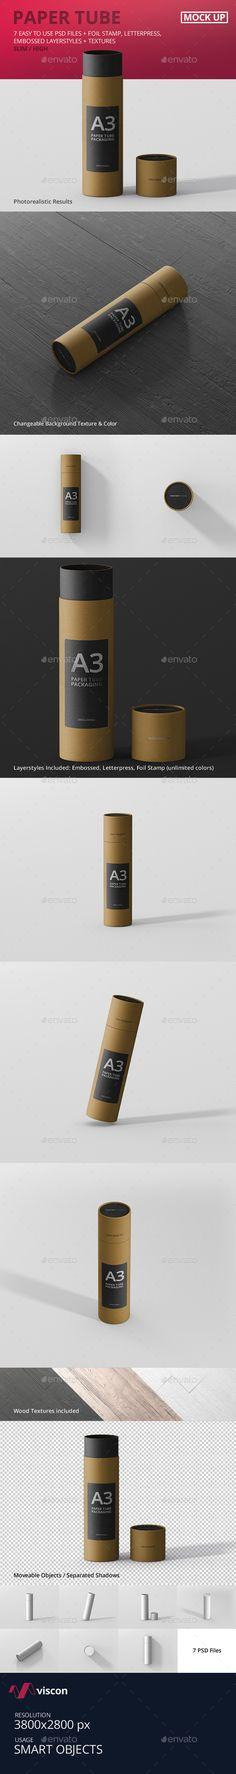 Paper Tube Packaging Mockup - Slim High